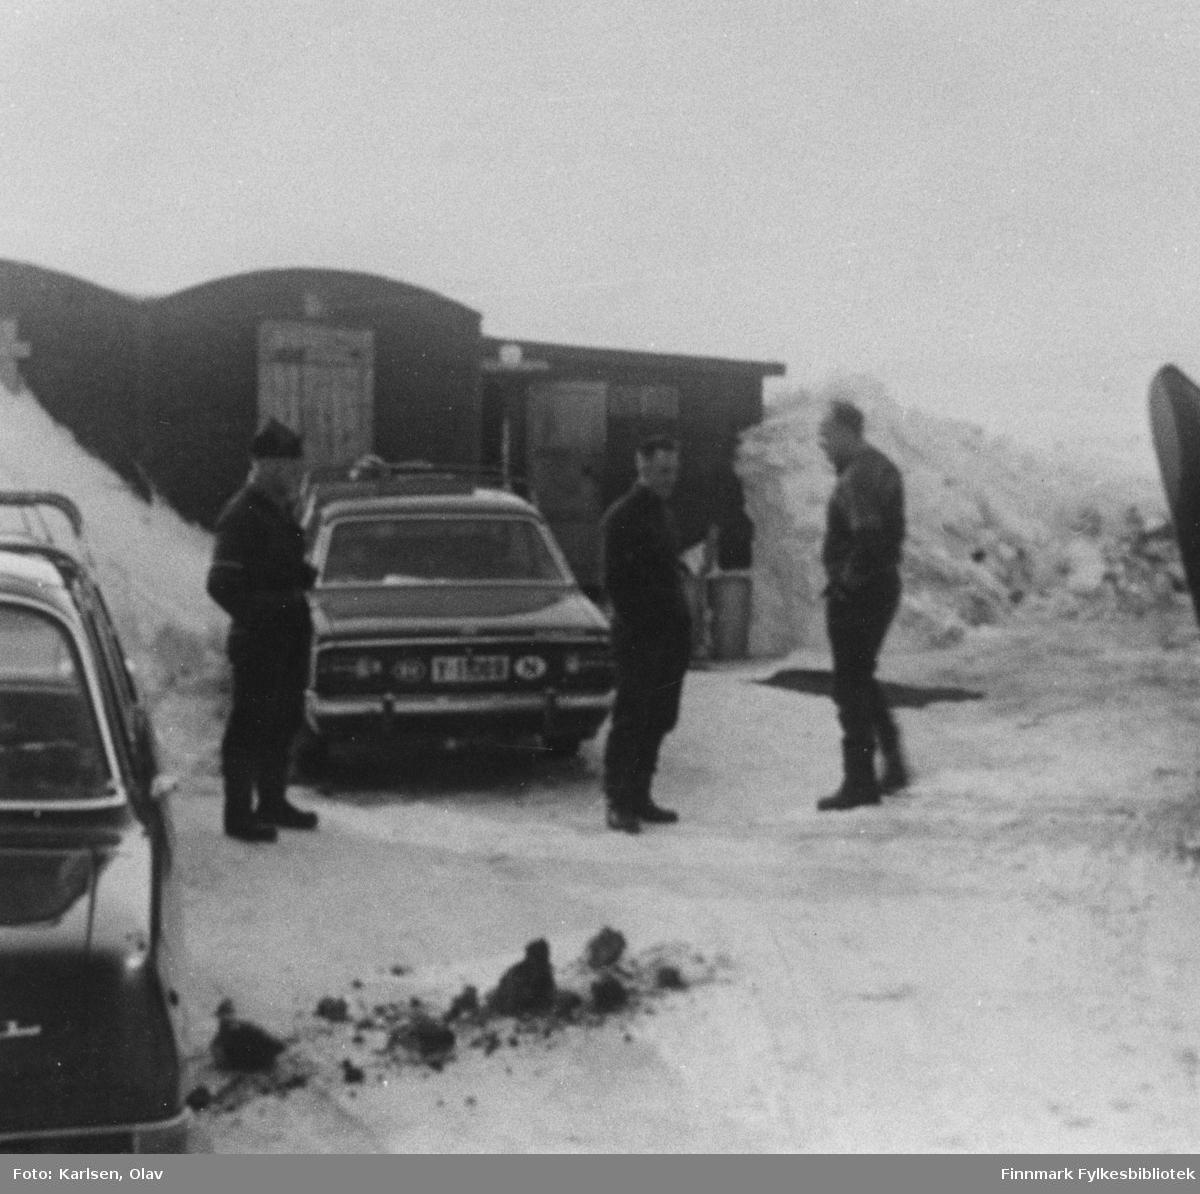 Skallelv brøytestasjon. Fra venstre: Almar Forsberg, ukjent og Erling Kvam. I bakgrunnen ser man noen brakker. På bildet er det også noen biler